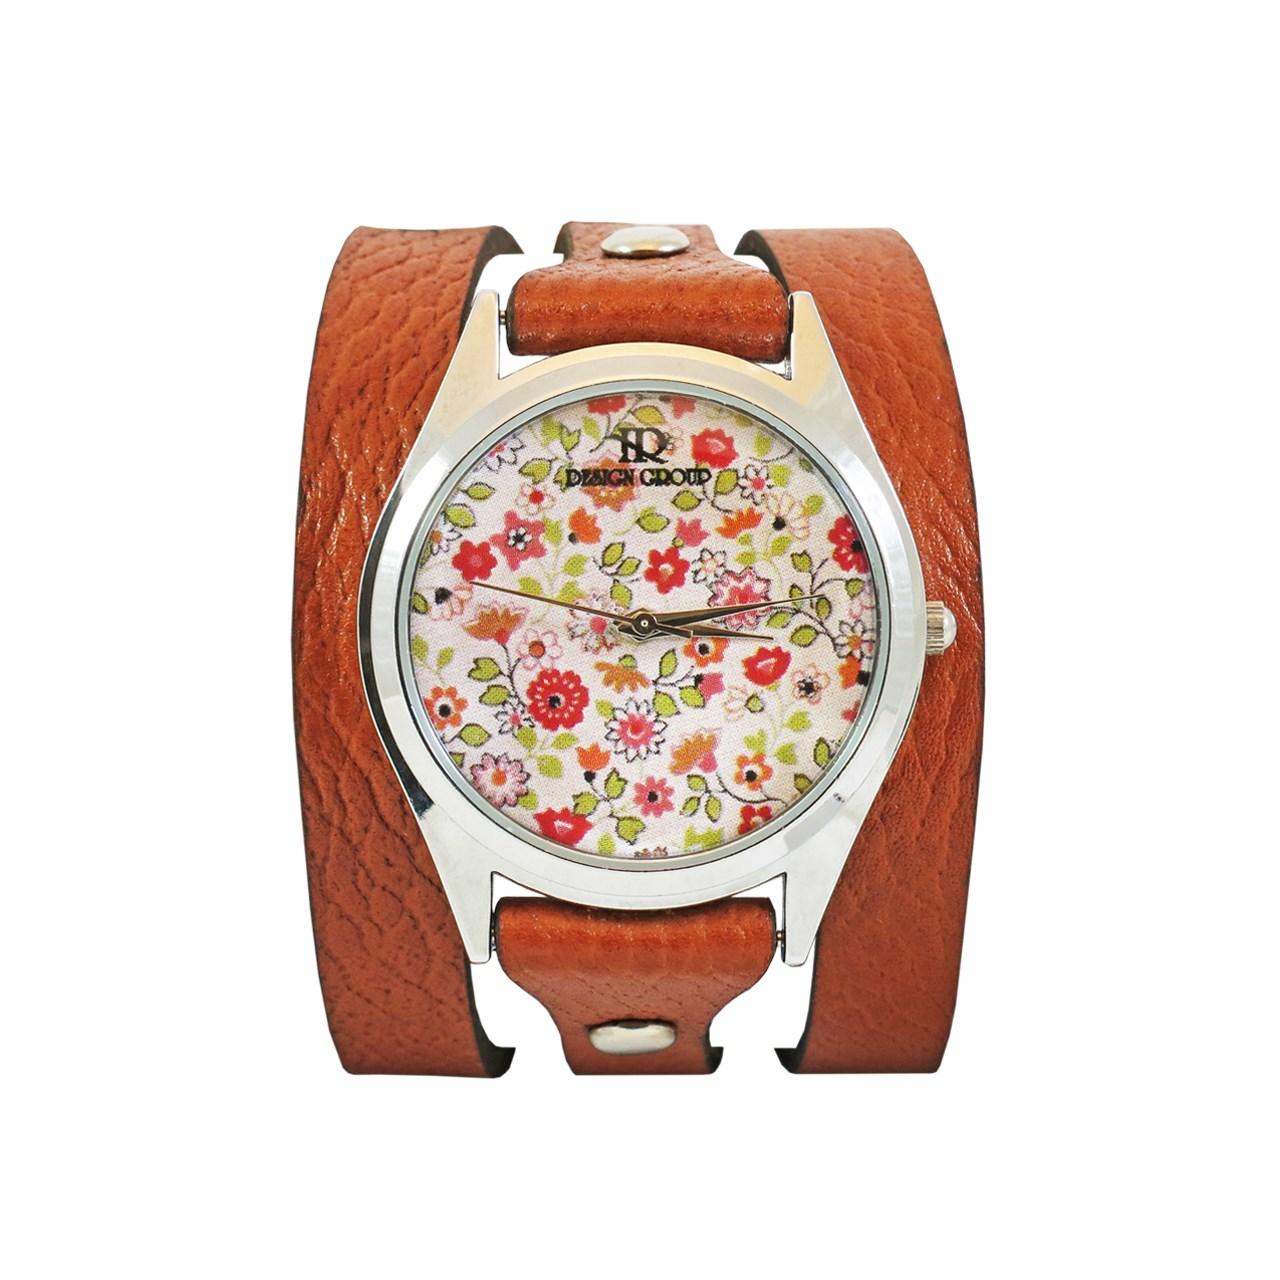 ساعت دست ساز اچ آر دیزاین گروپ مدل 009 20